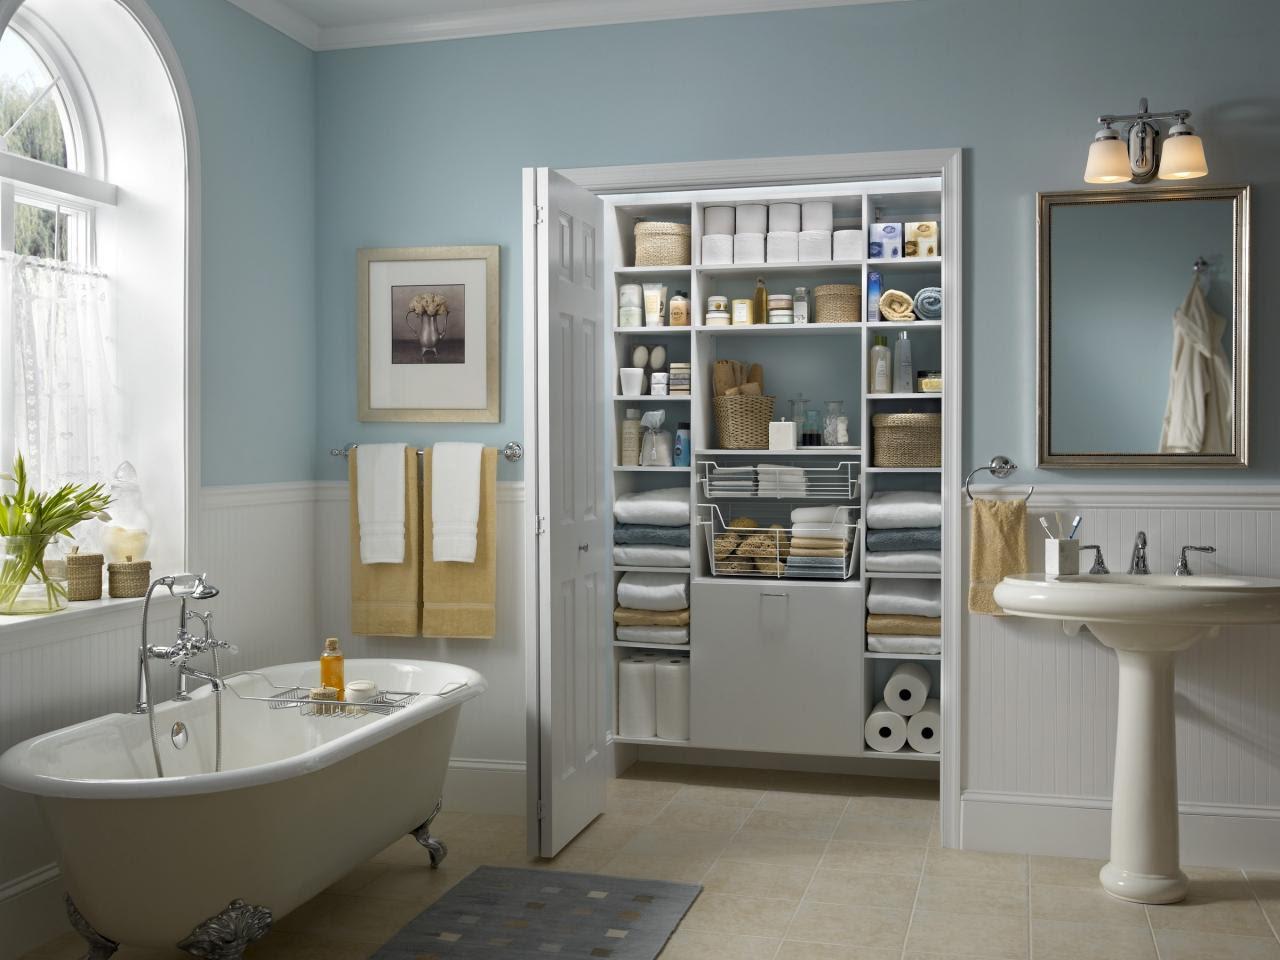 RX Press Kits_closet maid bath_s4x3